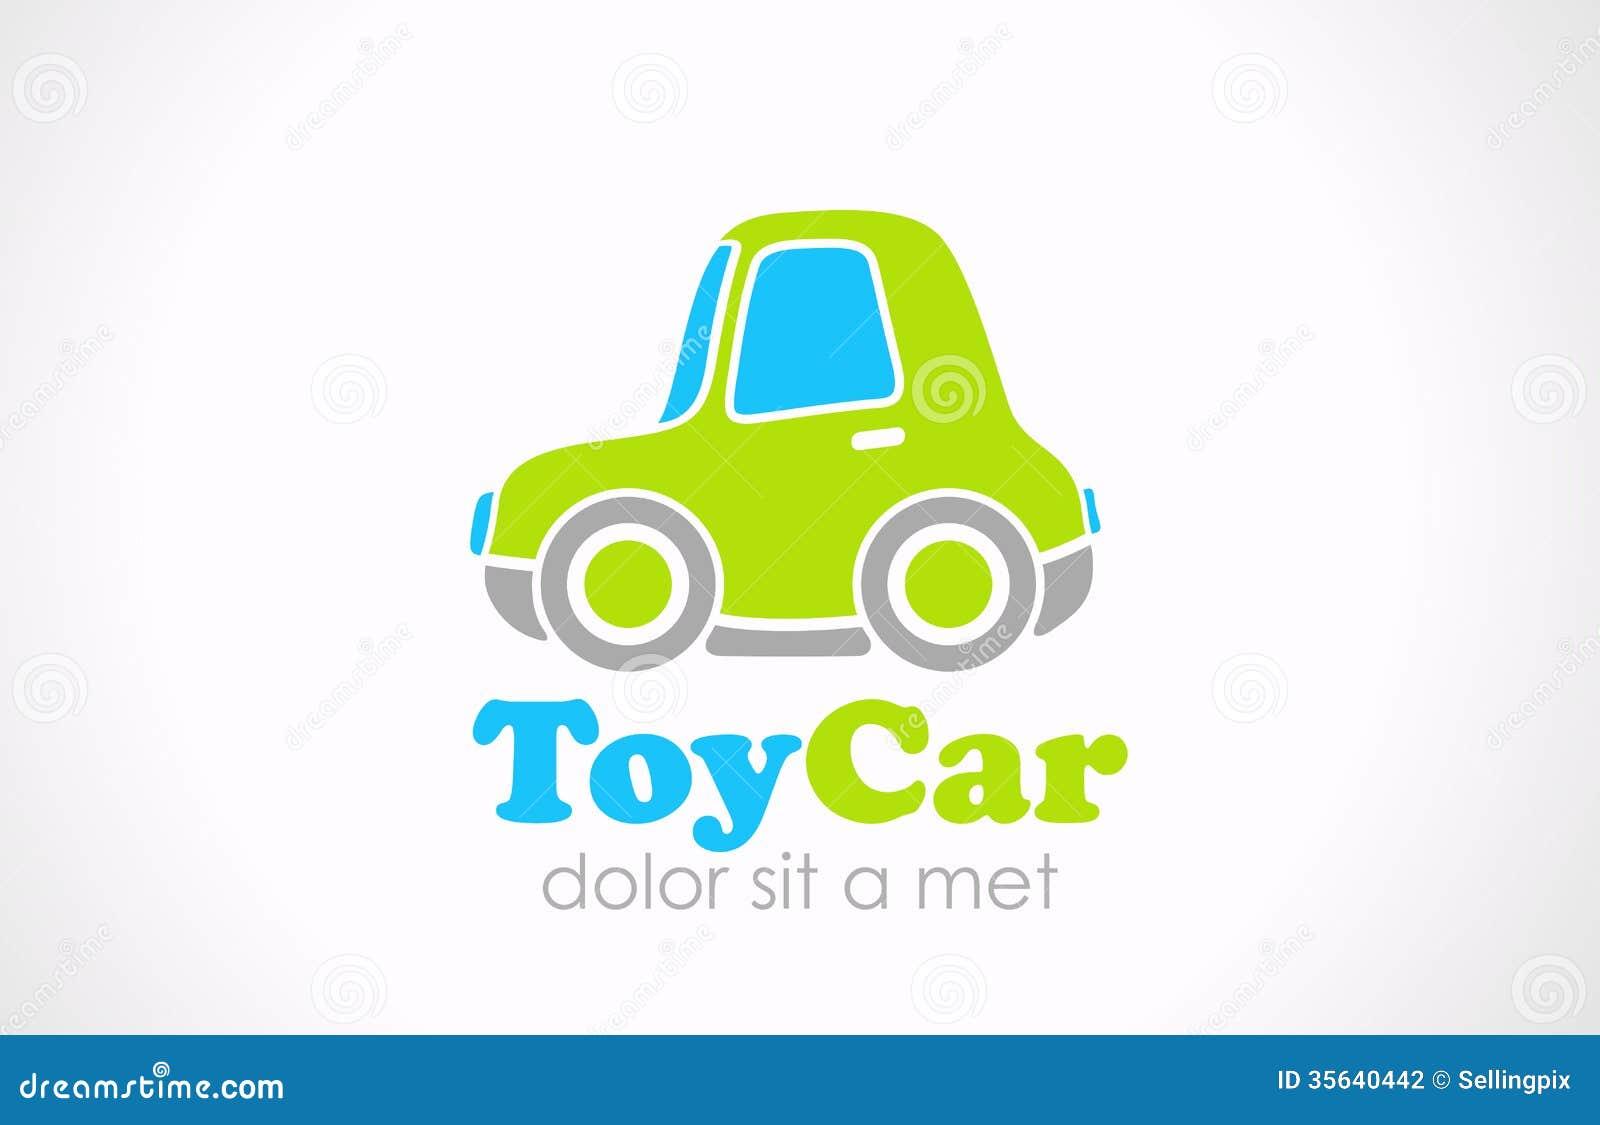 Car Toys Logo 103